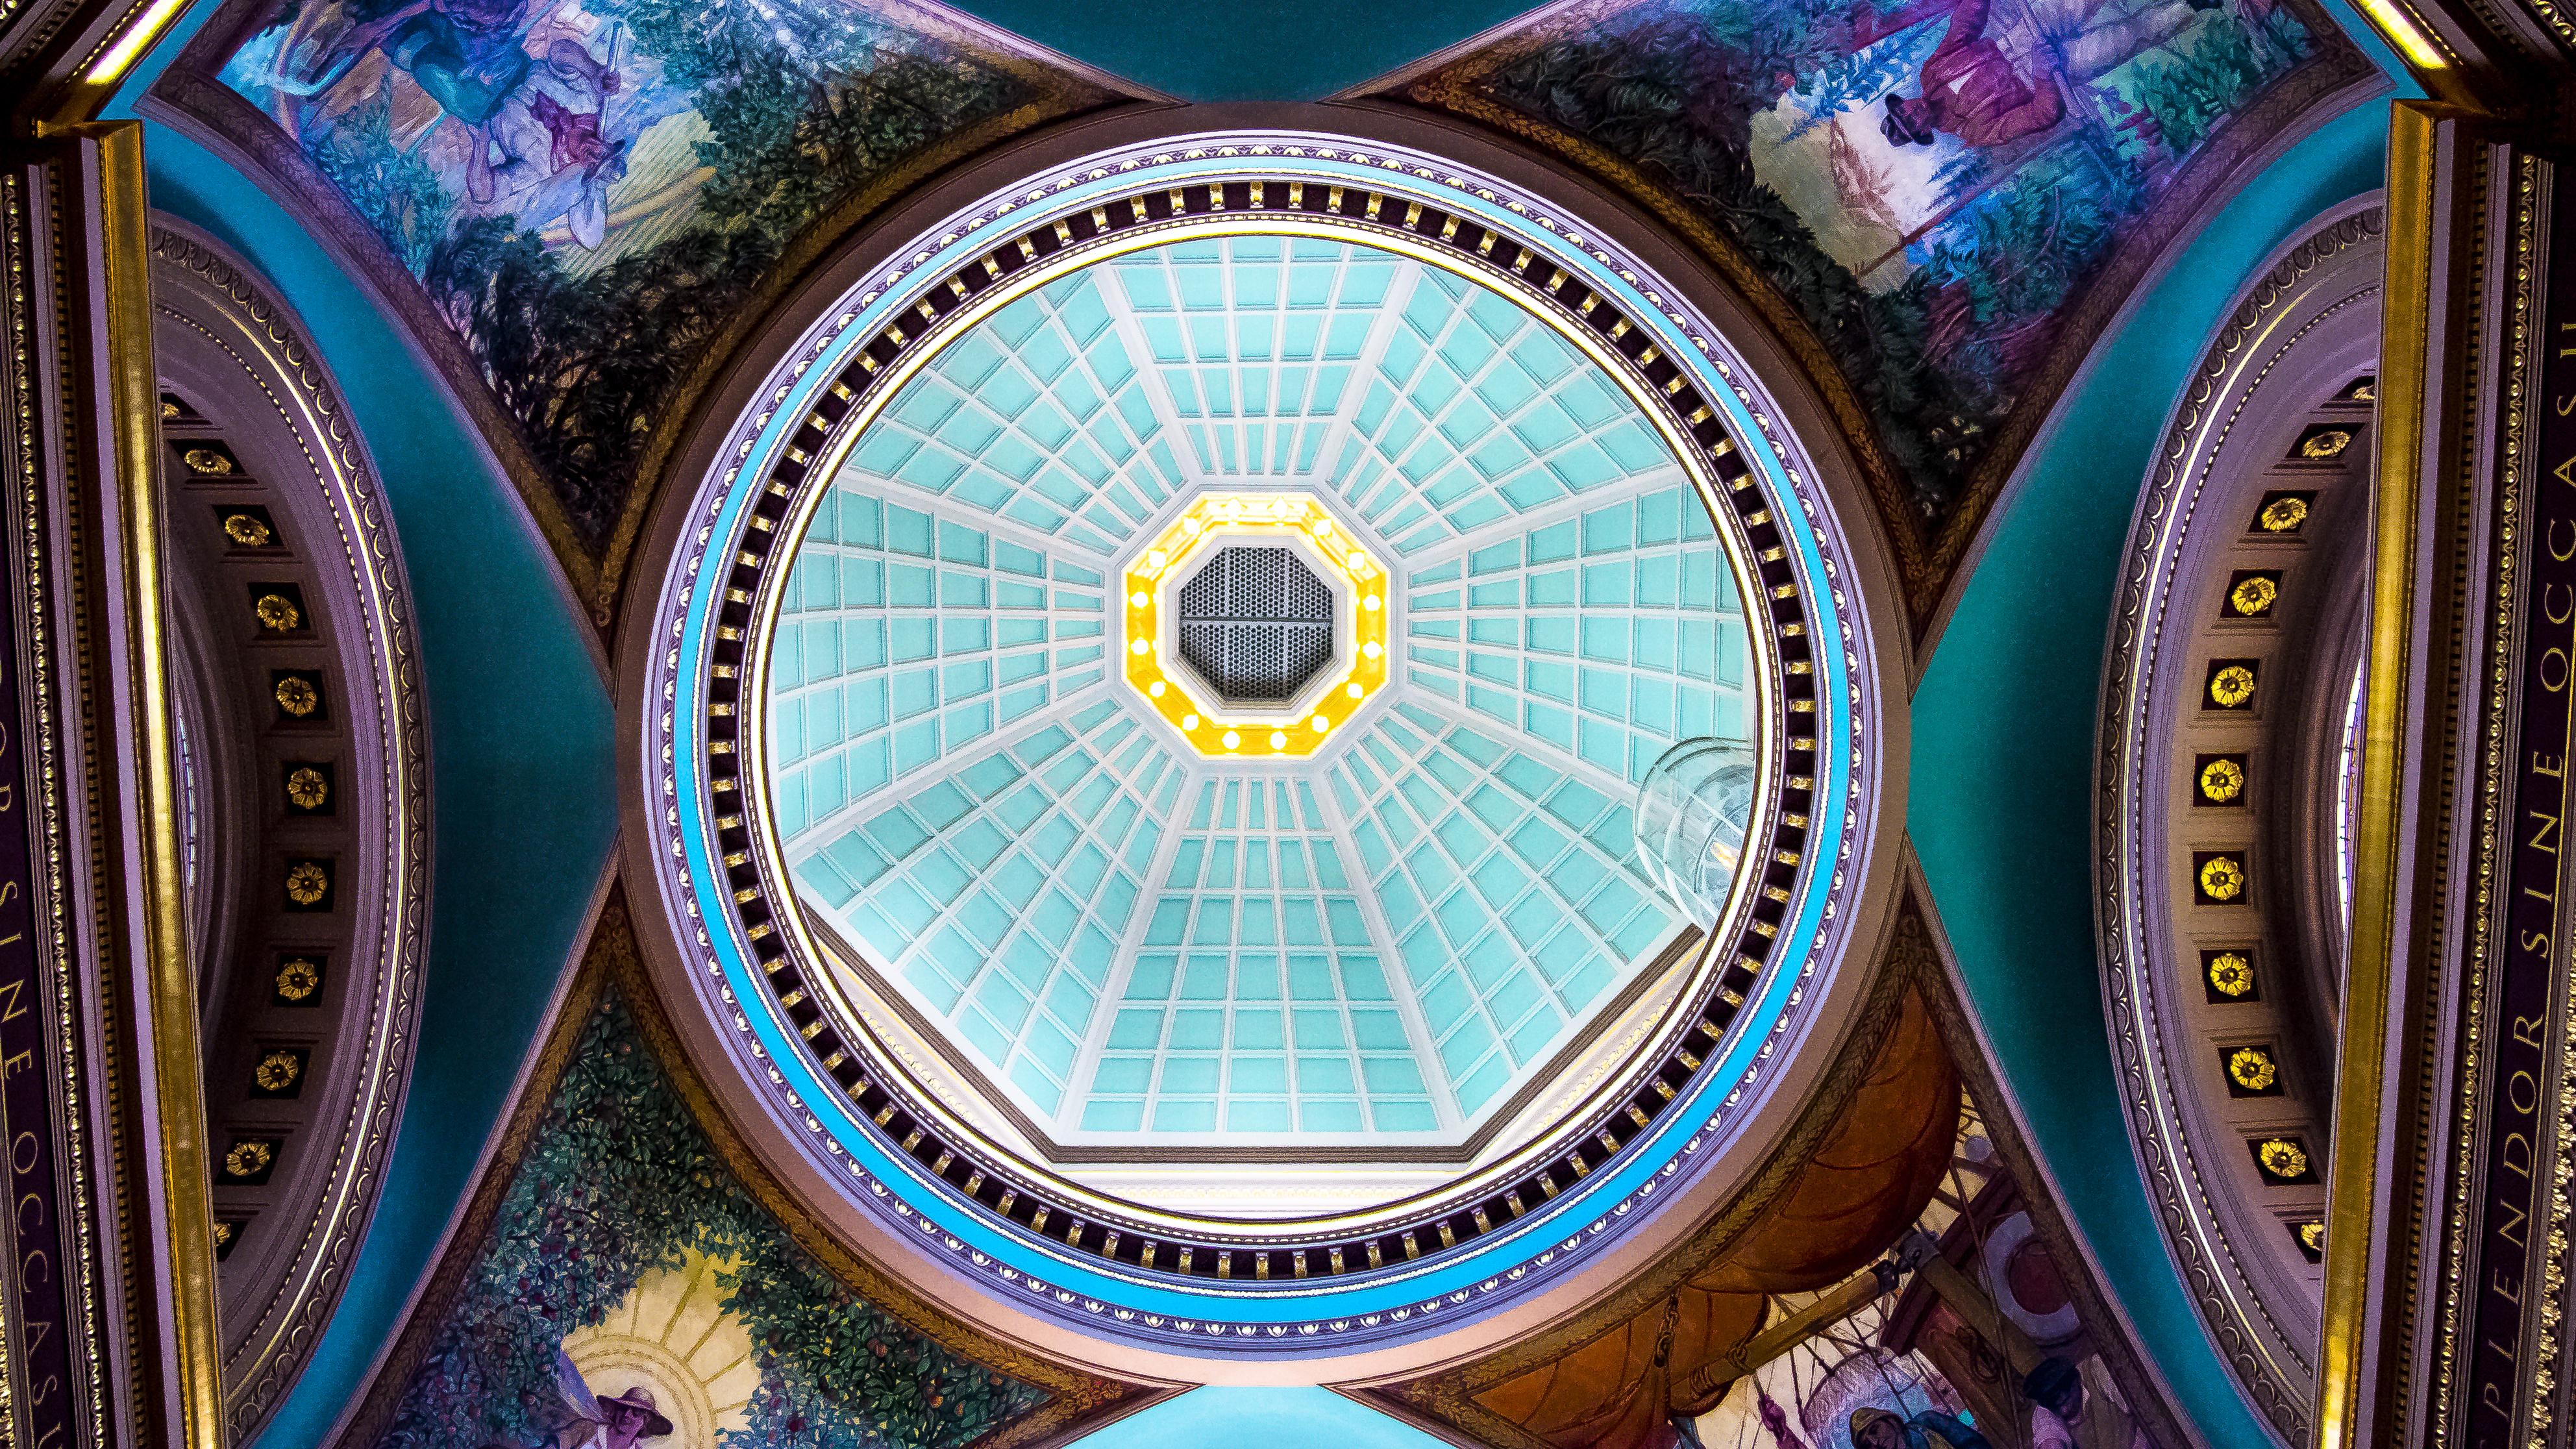 Fotoğraf ışık Yuvarlak Iç çatı Bina Tavan Desen Geometrik